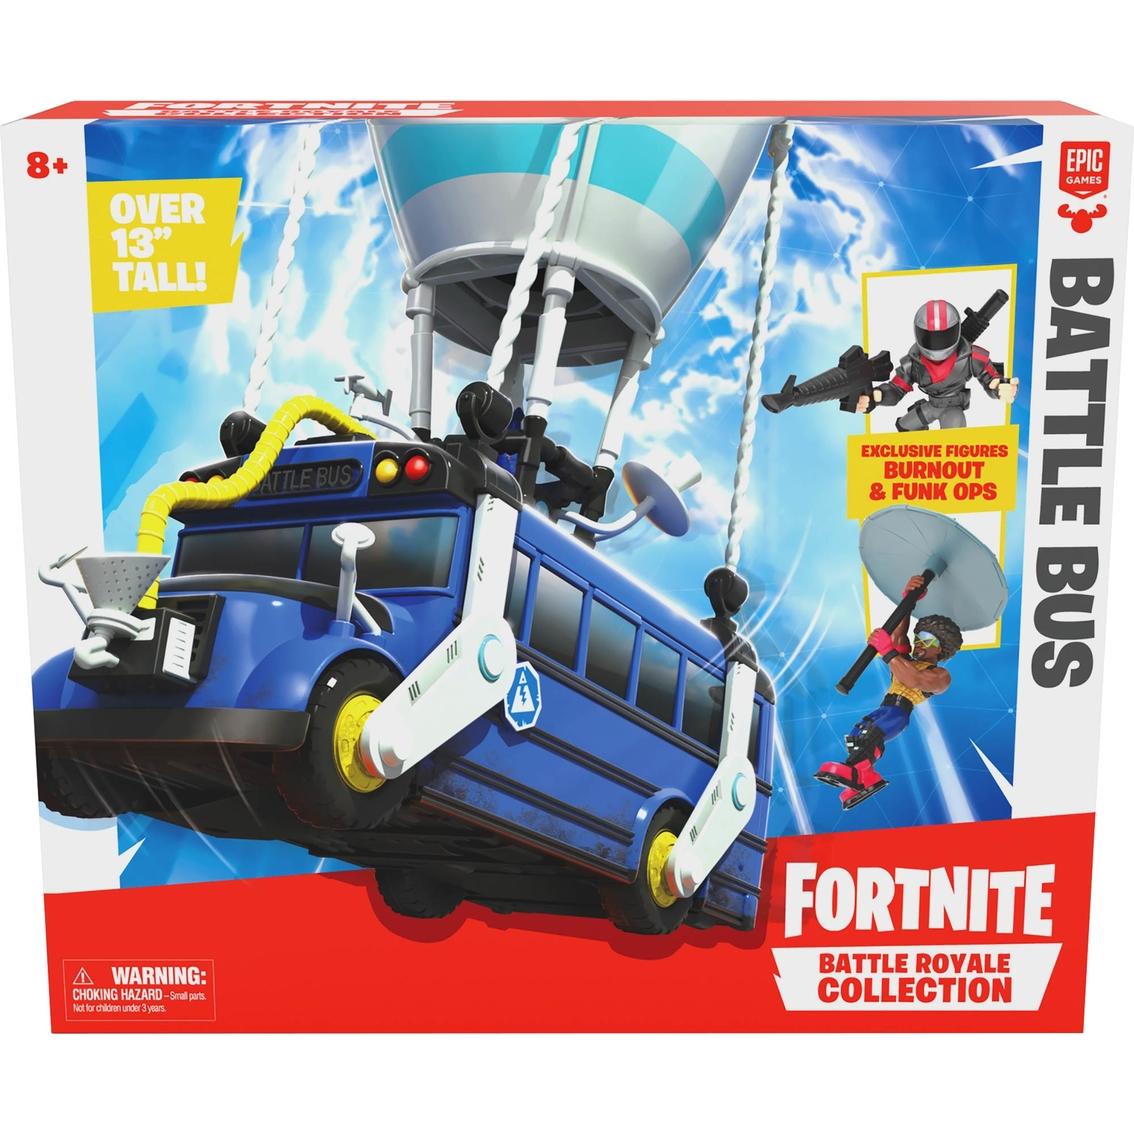 Fortnite Battle Royale Collection Battle Bus Action